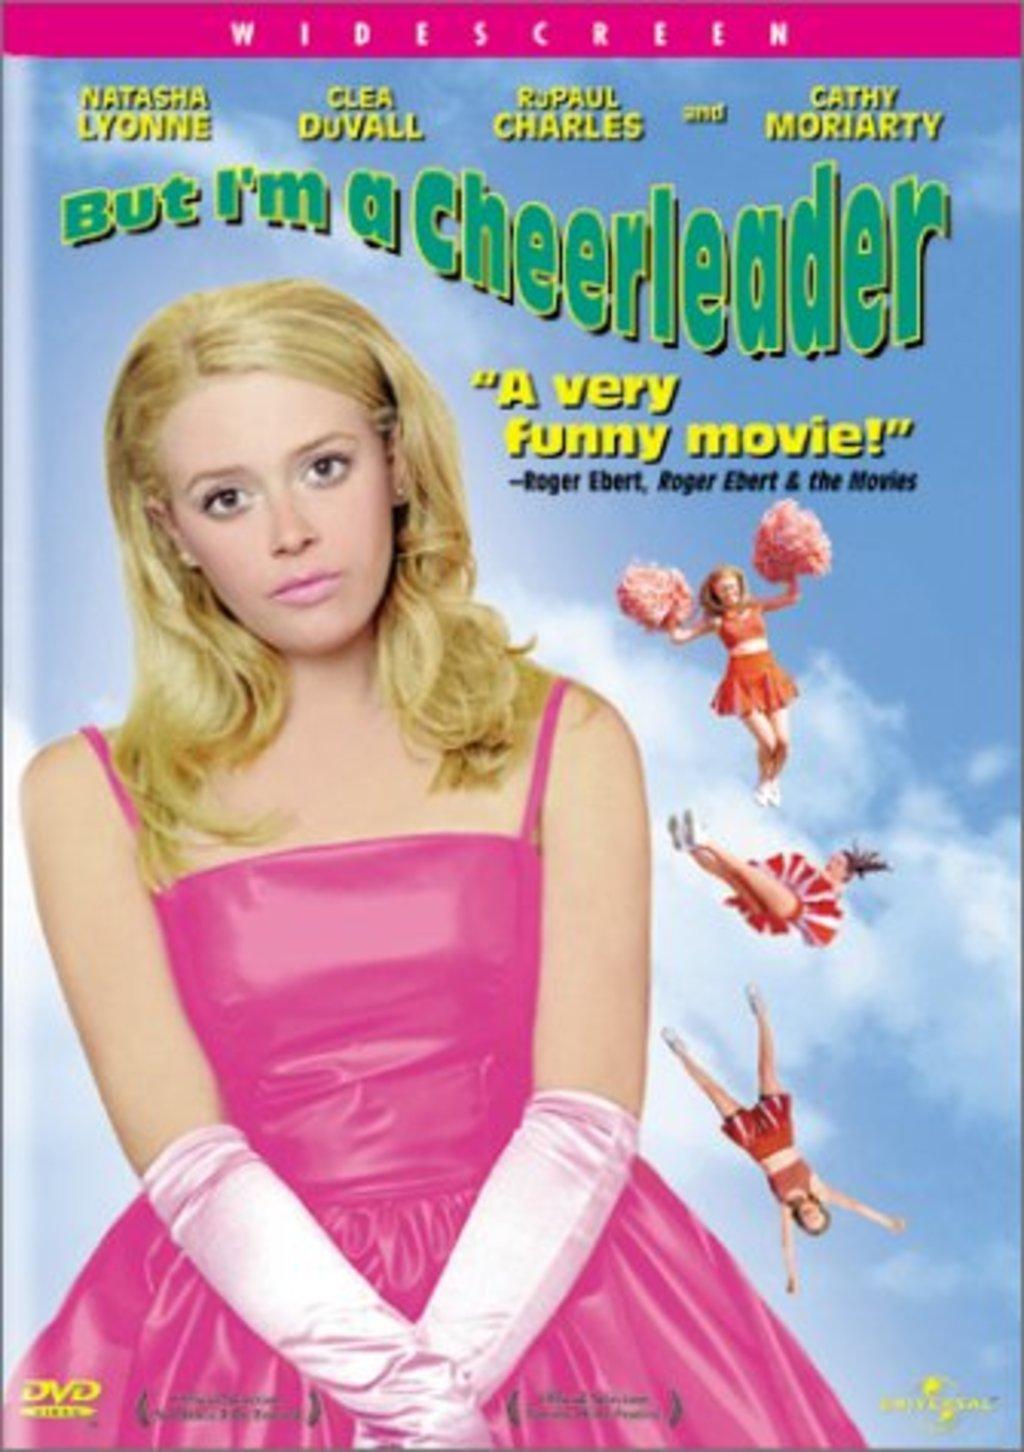 Watch But Im a Cheerleader on Netflix Today